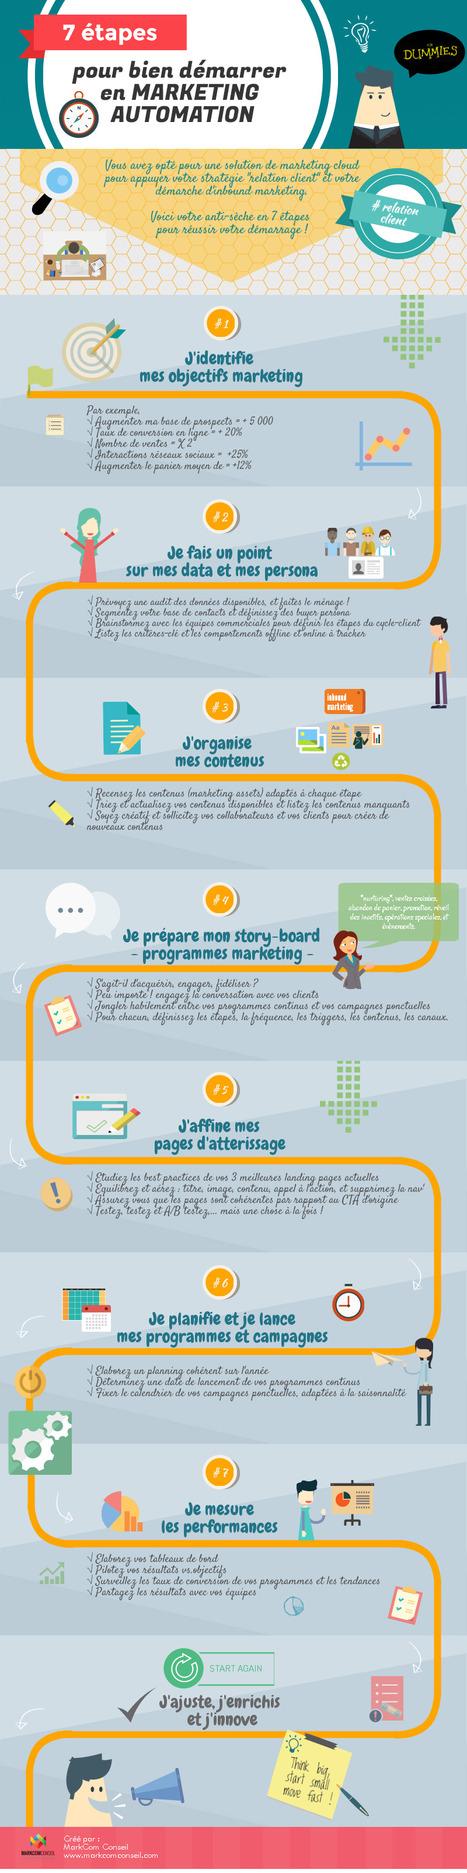 [infographie] 7 étapes pour bien démarrer en marketing automation | marketing automation | Scoop.it